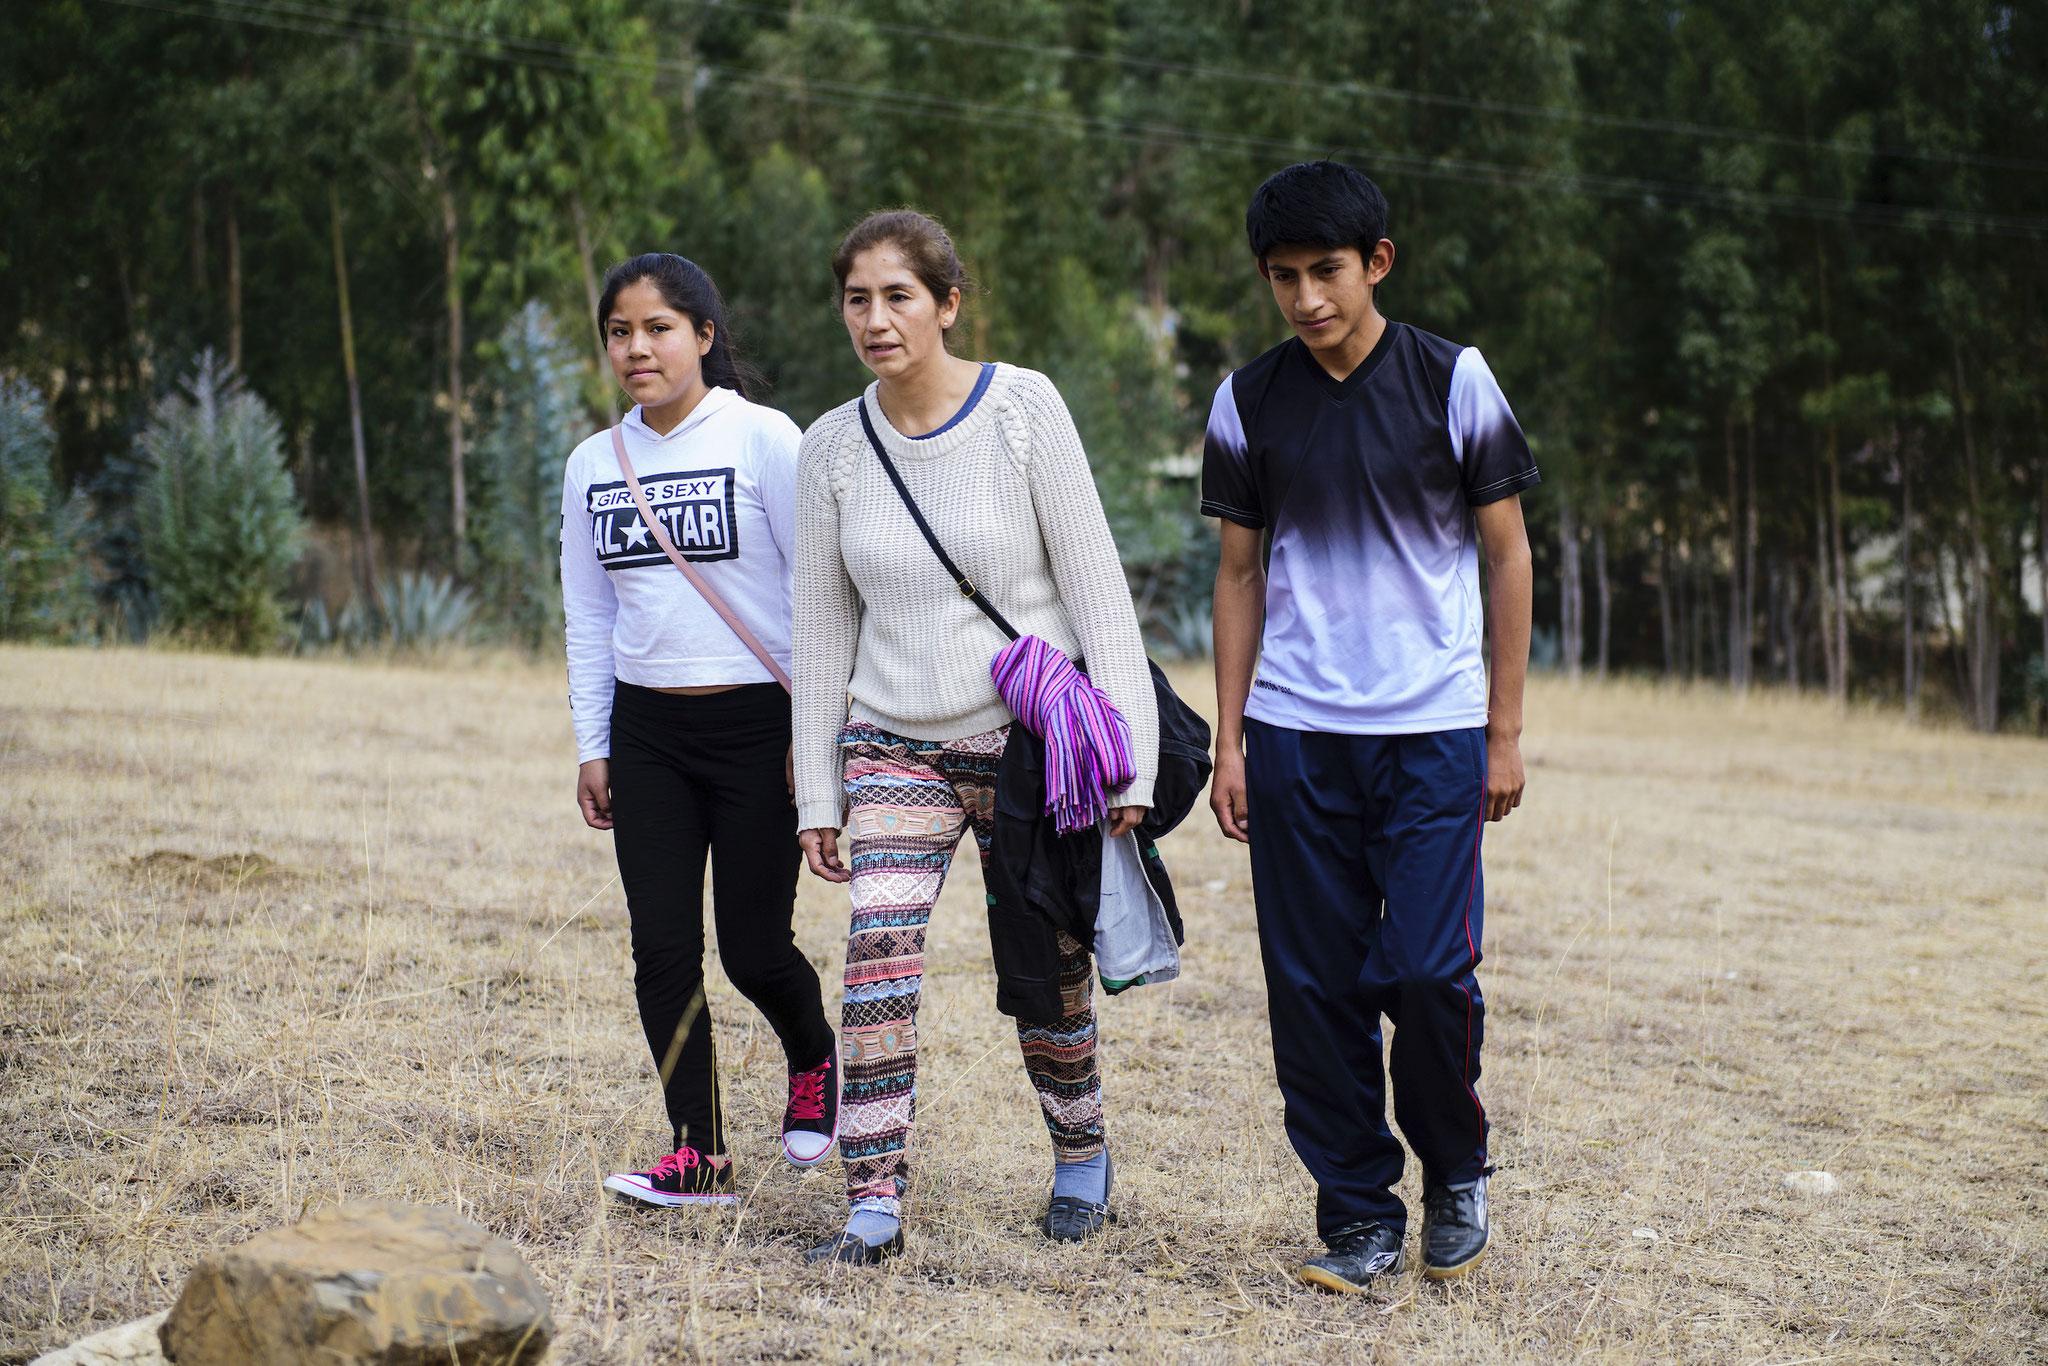 Projektleiterin Dianira Trigoso Vizconde (Mitte) mit Rosa (14) und Rolando (17) auf dem Weg zum Treffen der Jugendgruppe. Foto: Florian Kopp / Kindermissionswerk